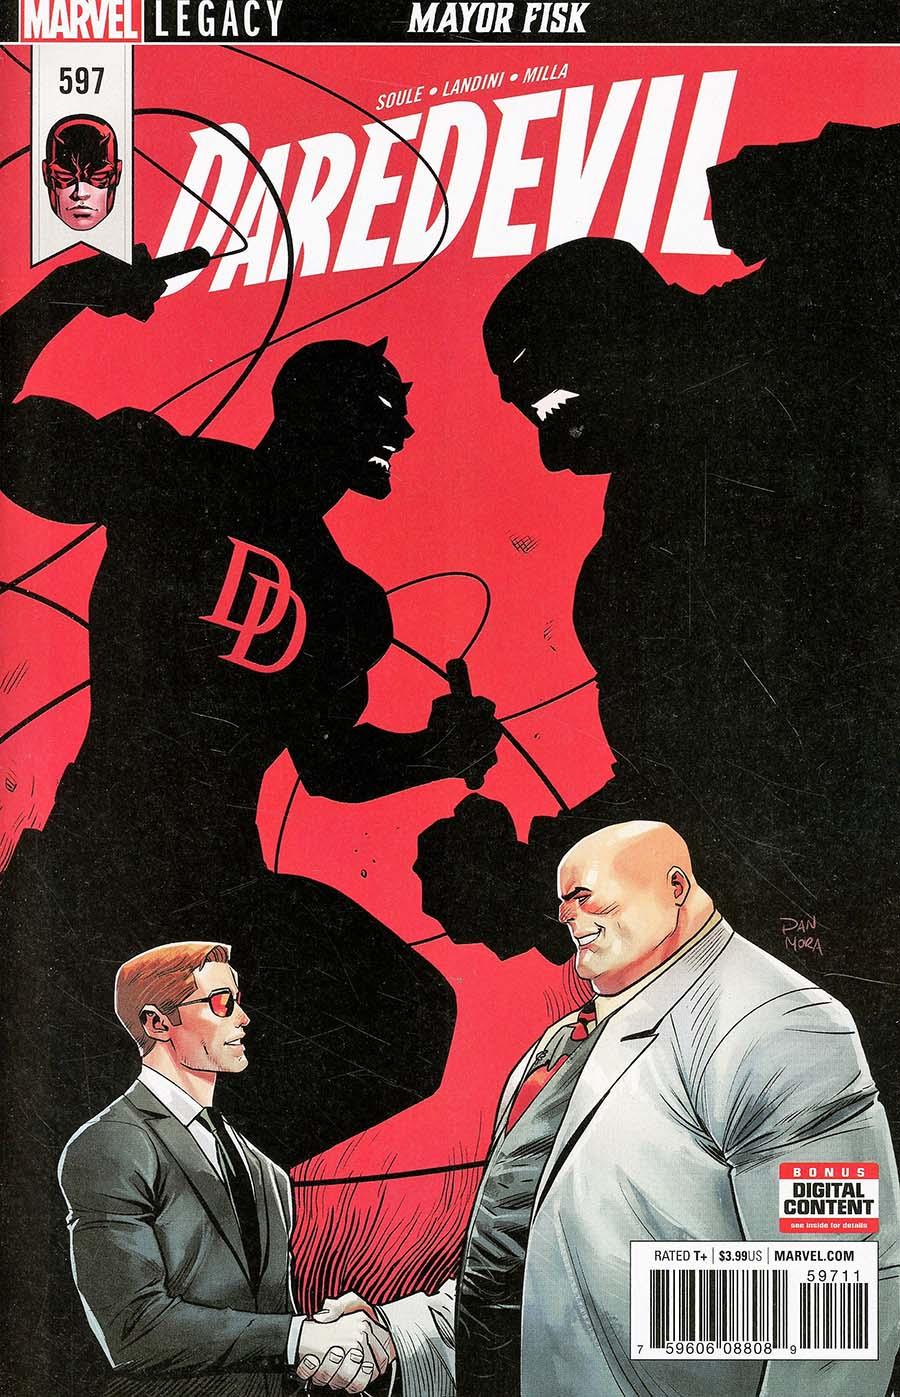 Daredevil Vol. 1 Issue 597